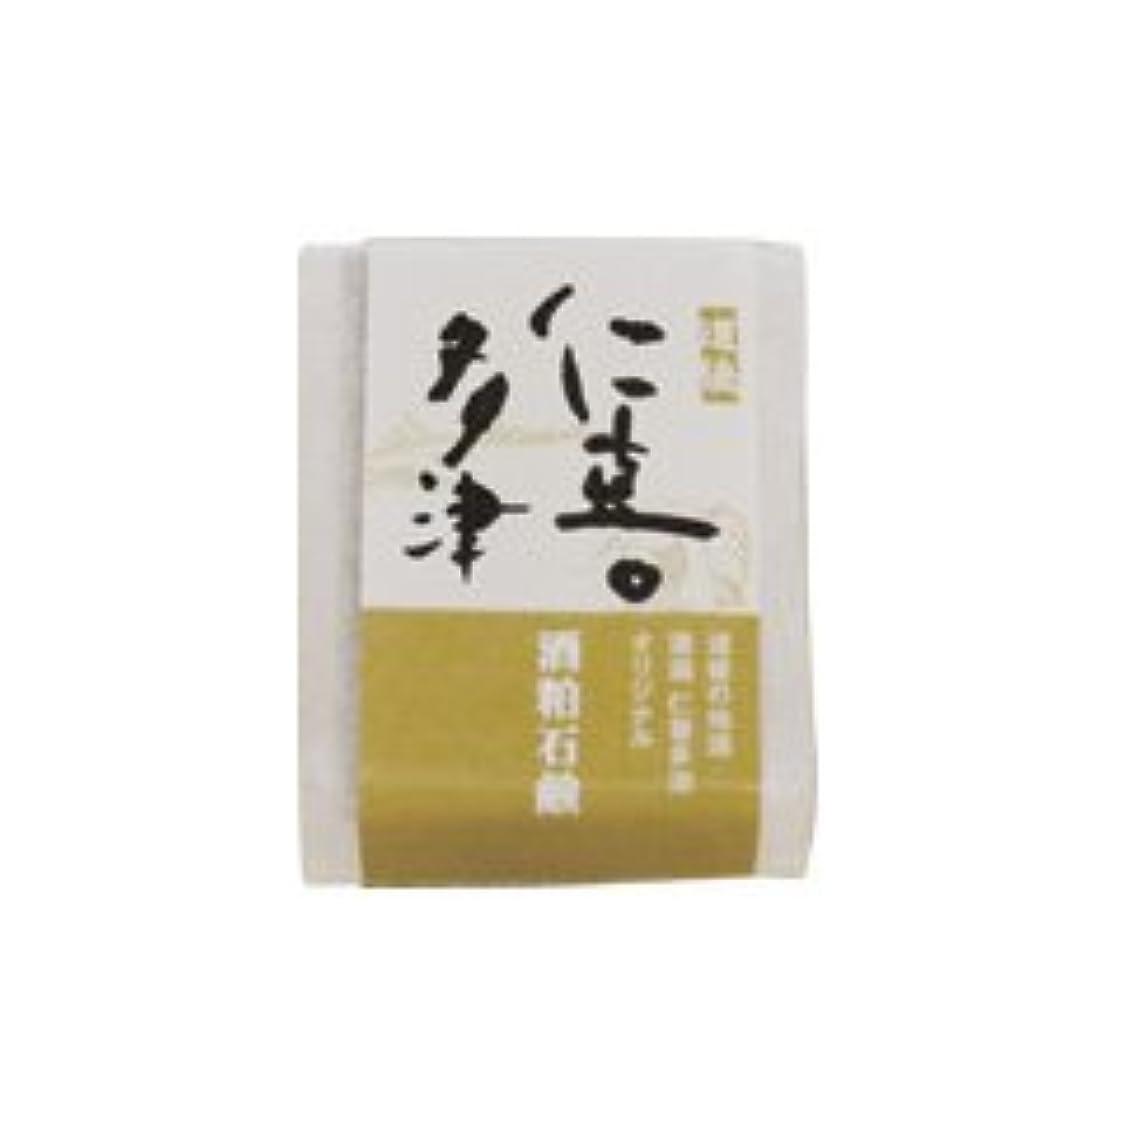 実際にあなたのものジェット仁喜多津 オリジナル 酒粕石鹸 60g